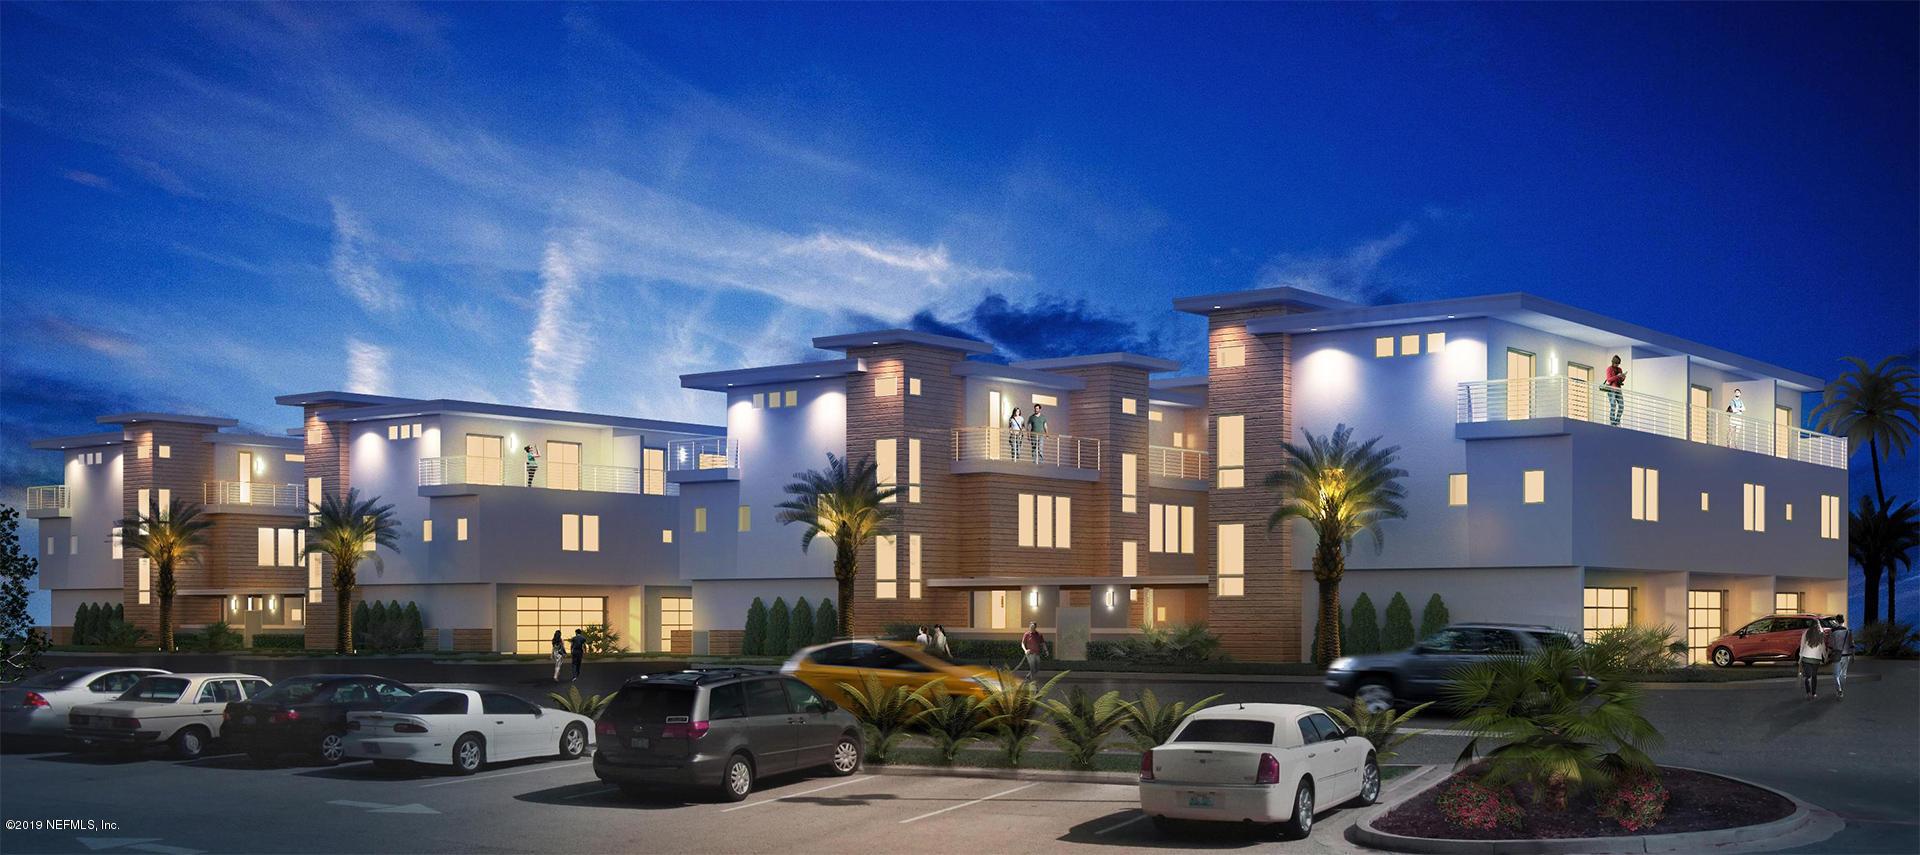 317 AHERN, ATLANTIC BEACH, FLORIDA 32233, 3 Bedrooms Bedrooms, ,2 BathroomsBathrooms,Residential - townhome,For sale,AHERN,995634